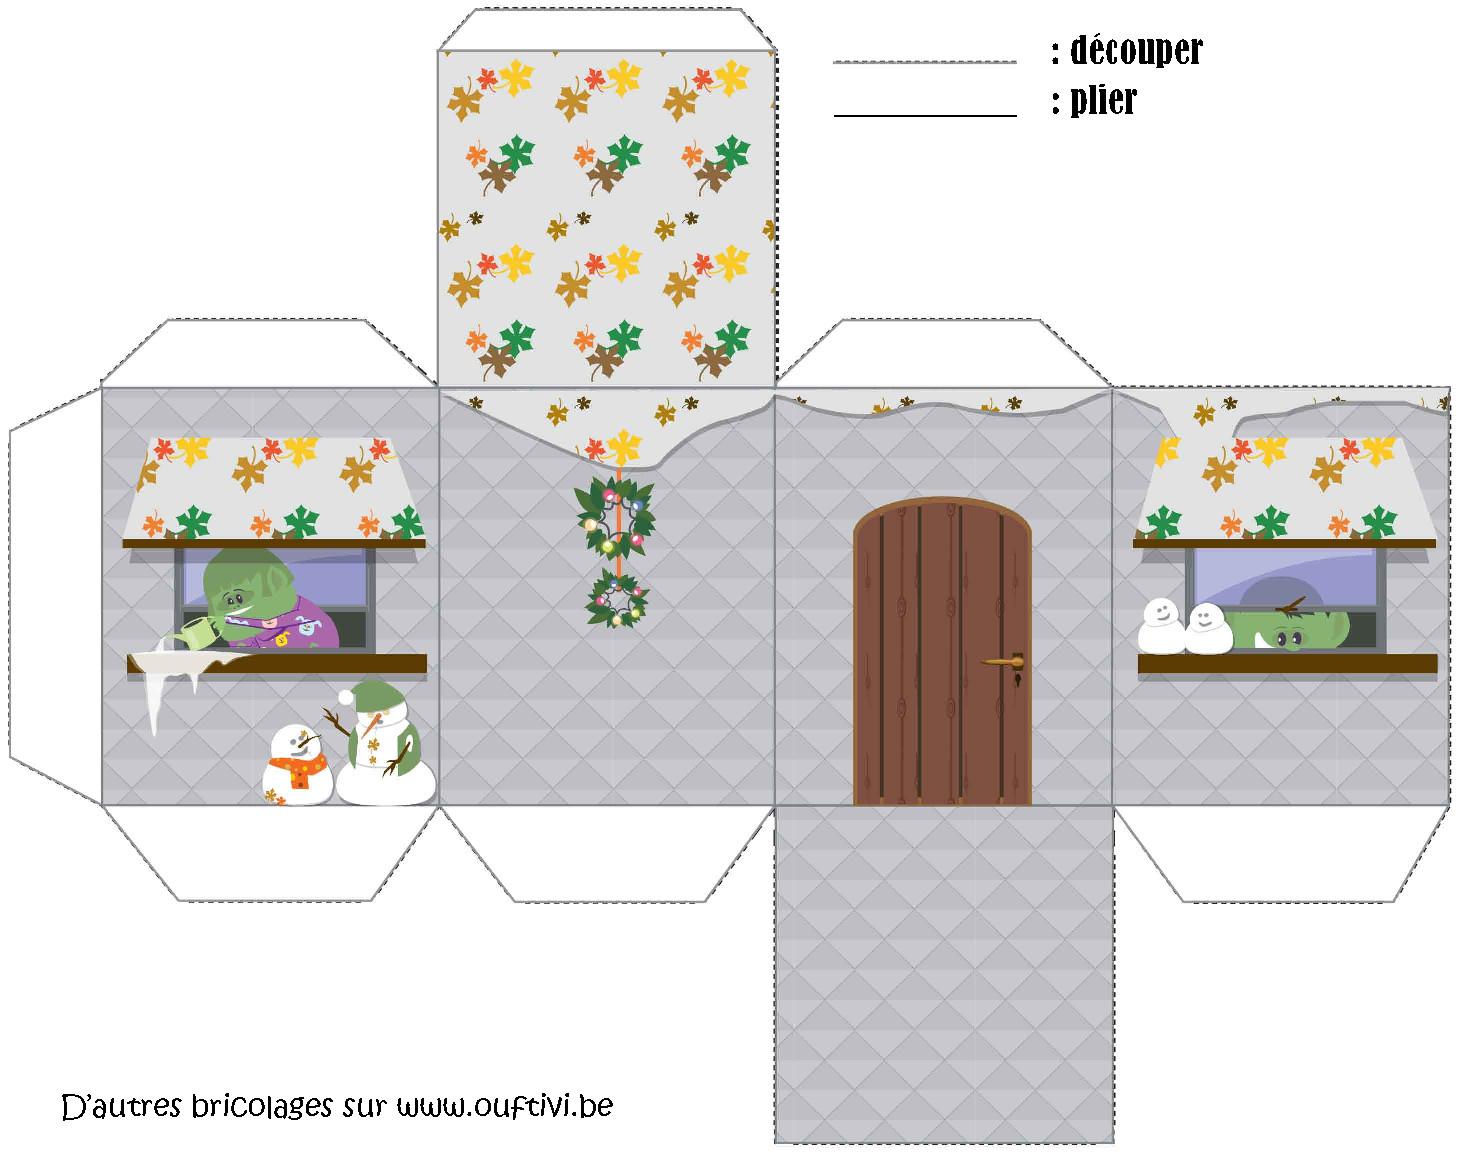 Bricolage - Maison De Noël 4 - Ouftivi tout Bricolage À Imprimer Gratuit